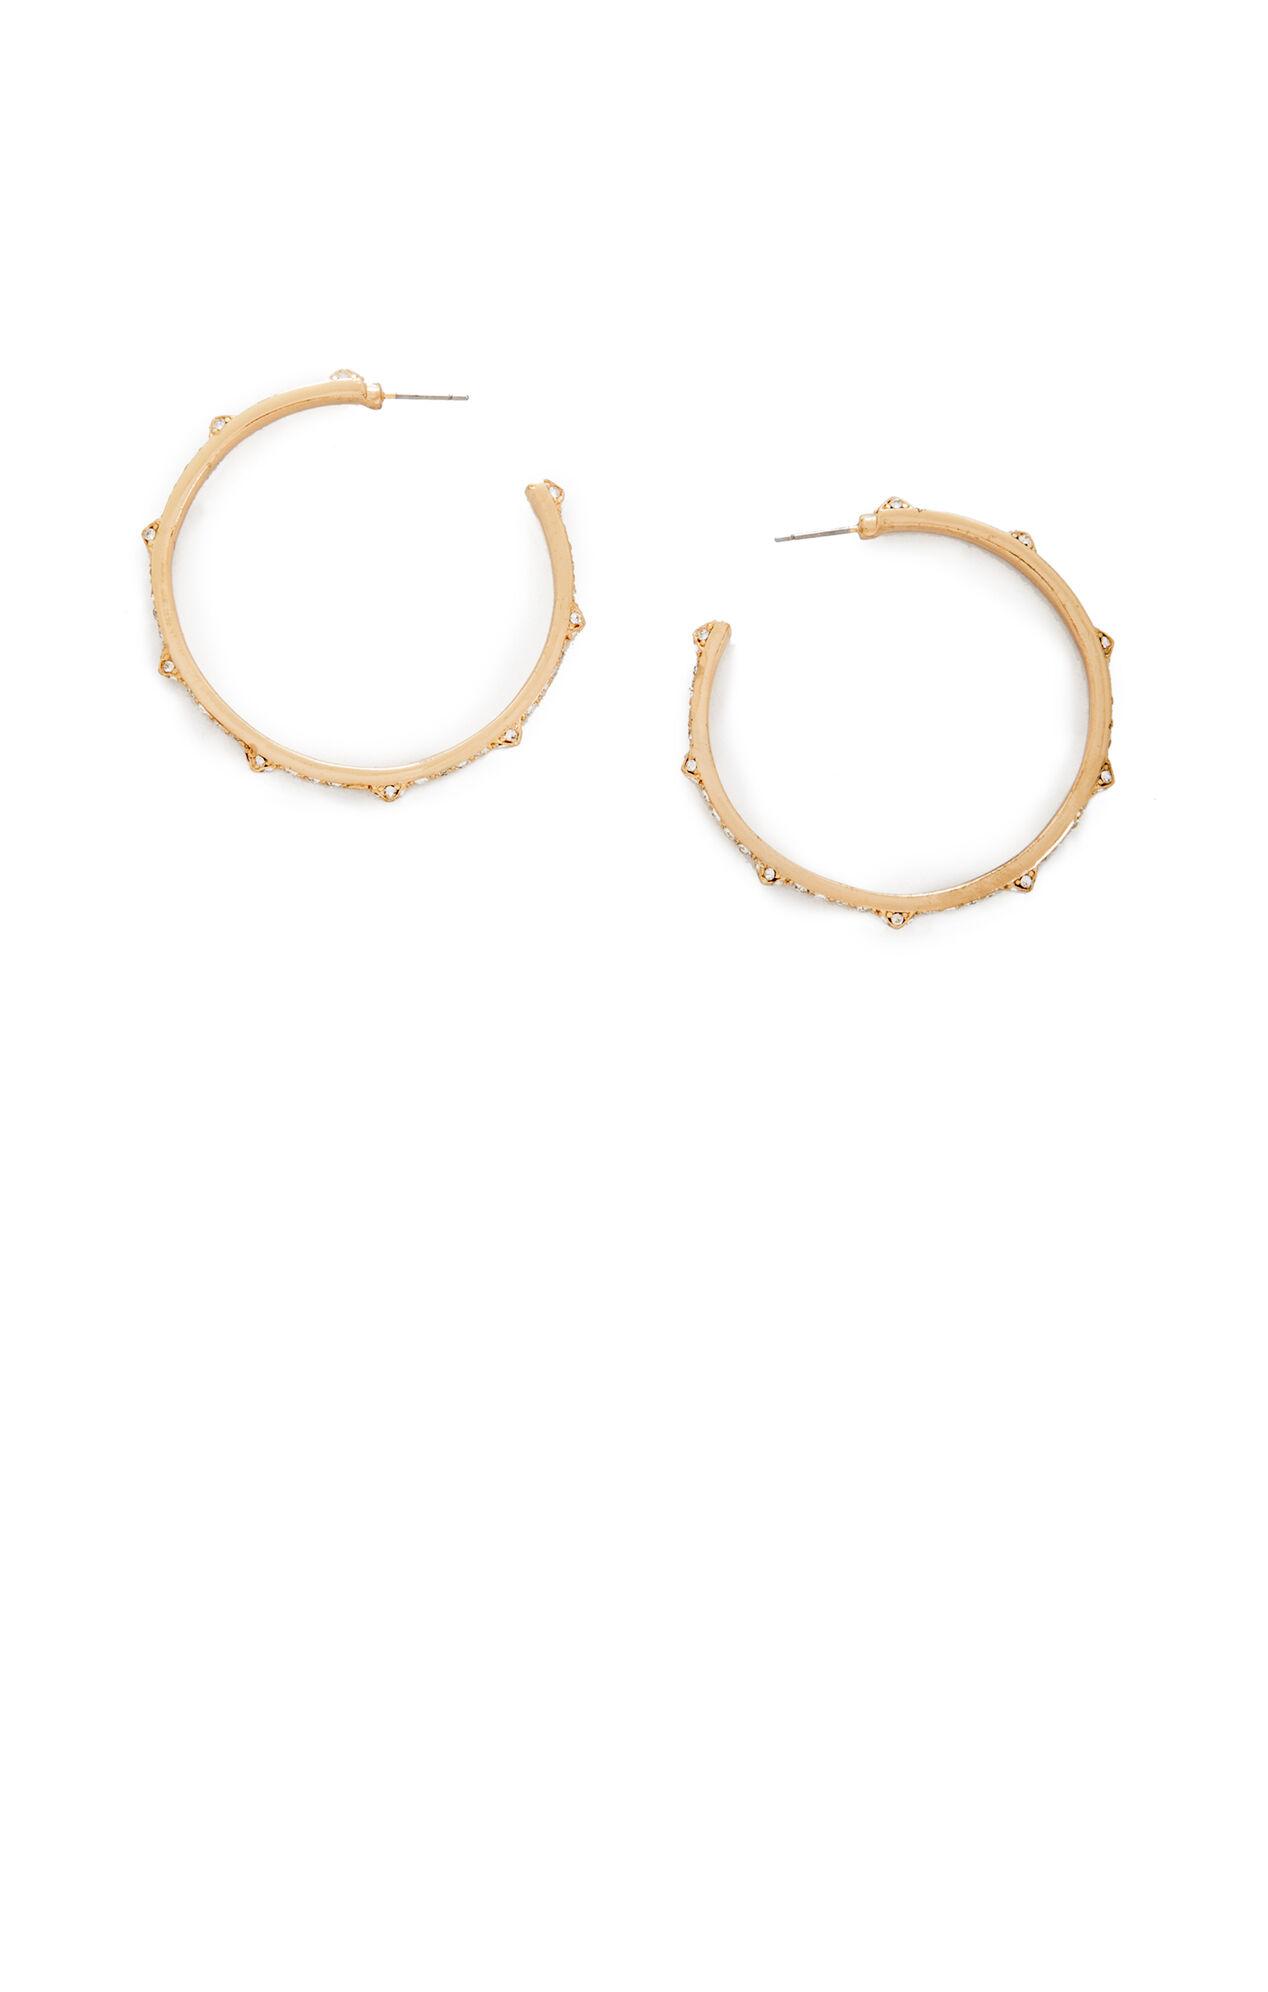 Pave Pyramid Hoop Earrings